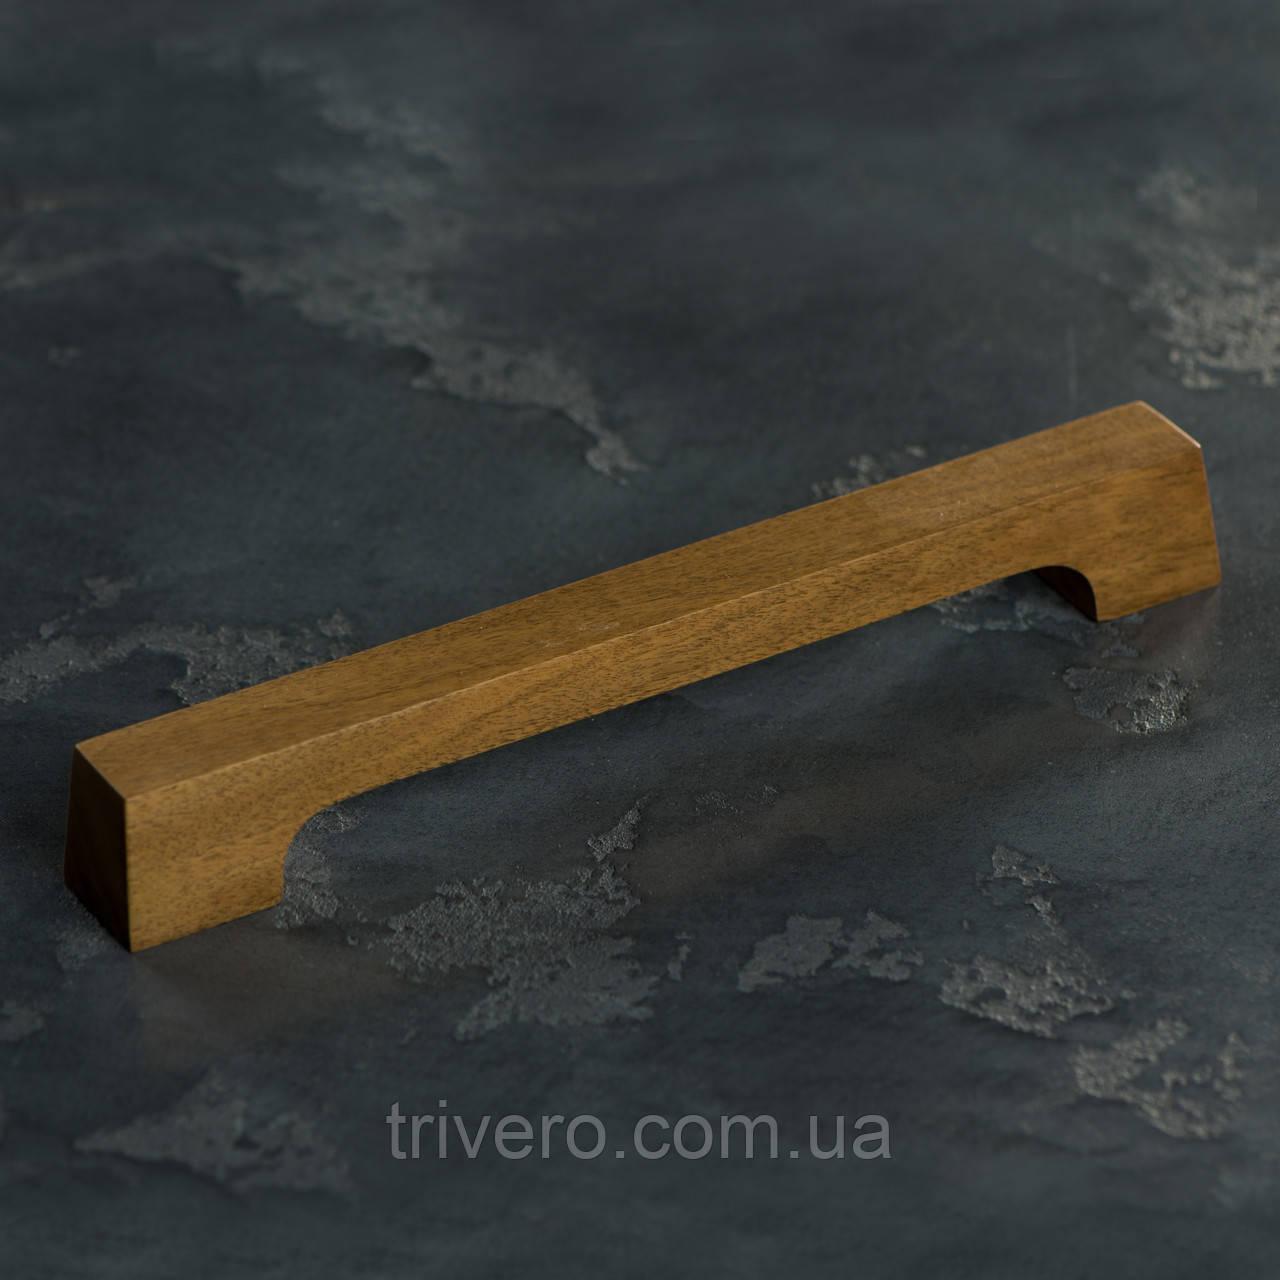 Ручка мебельная деревянная орех